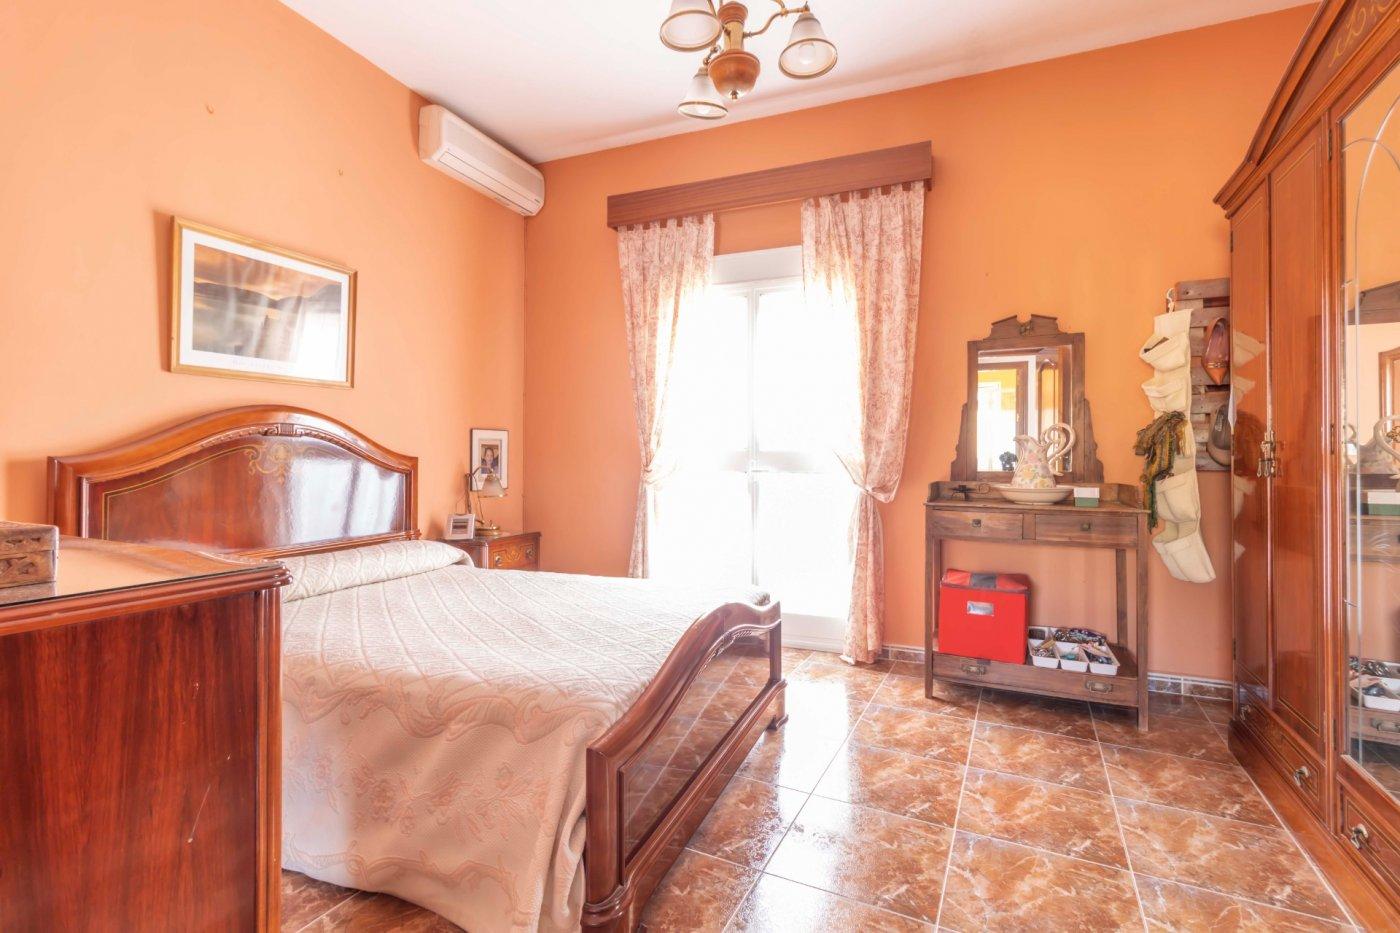 Casa a la venta en salteras - imagenInmueble26